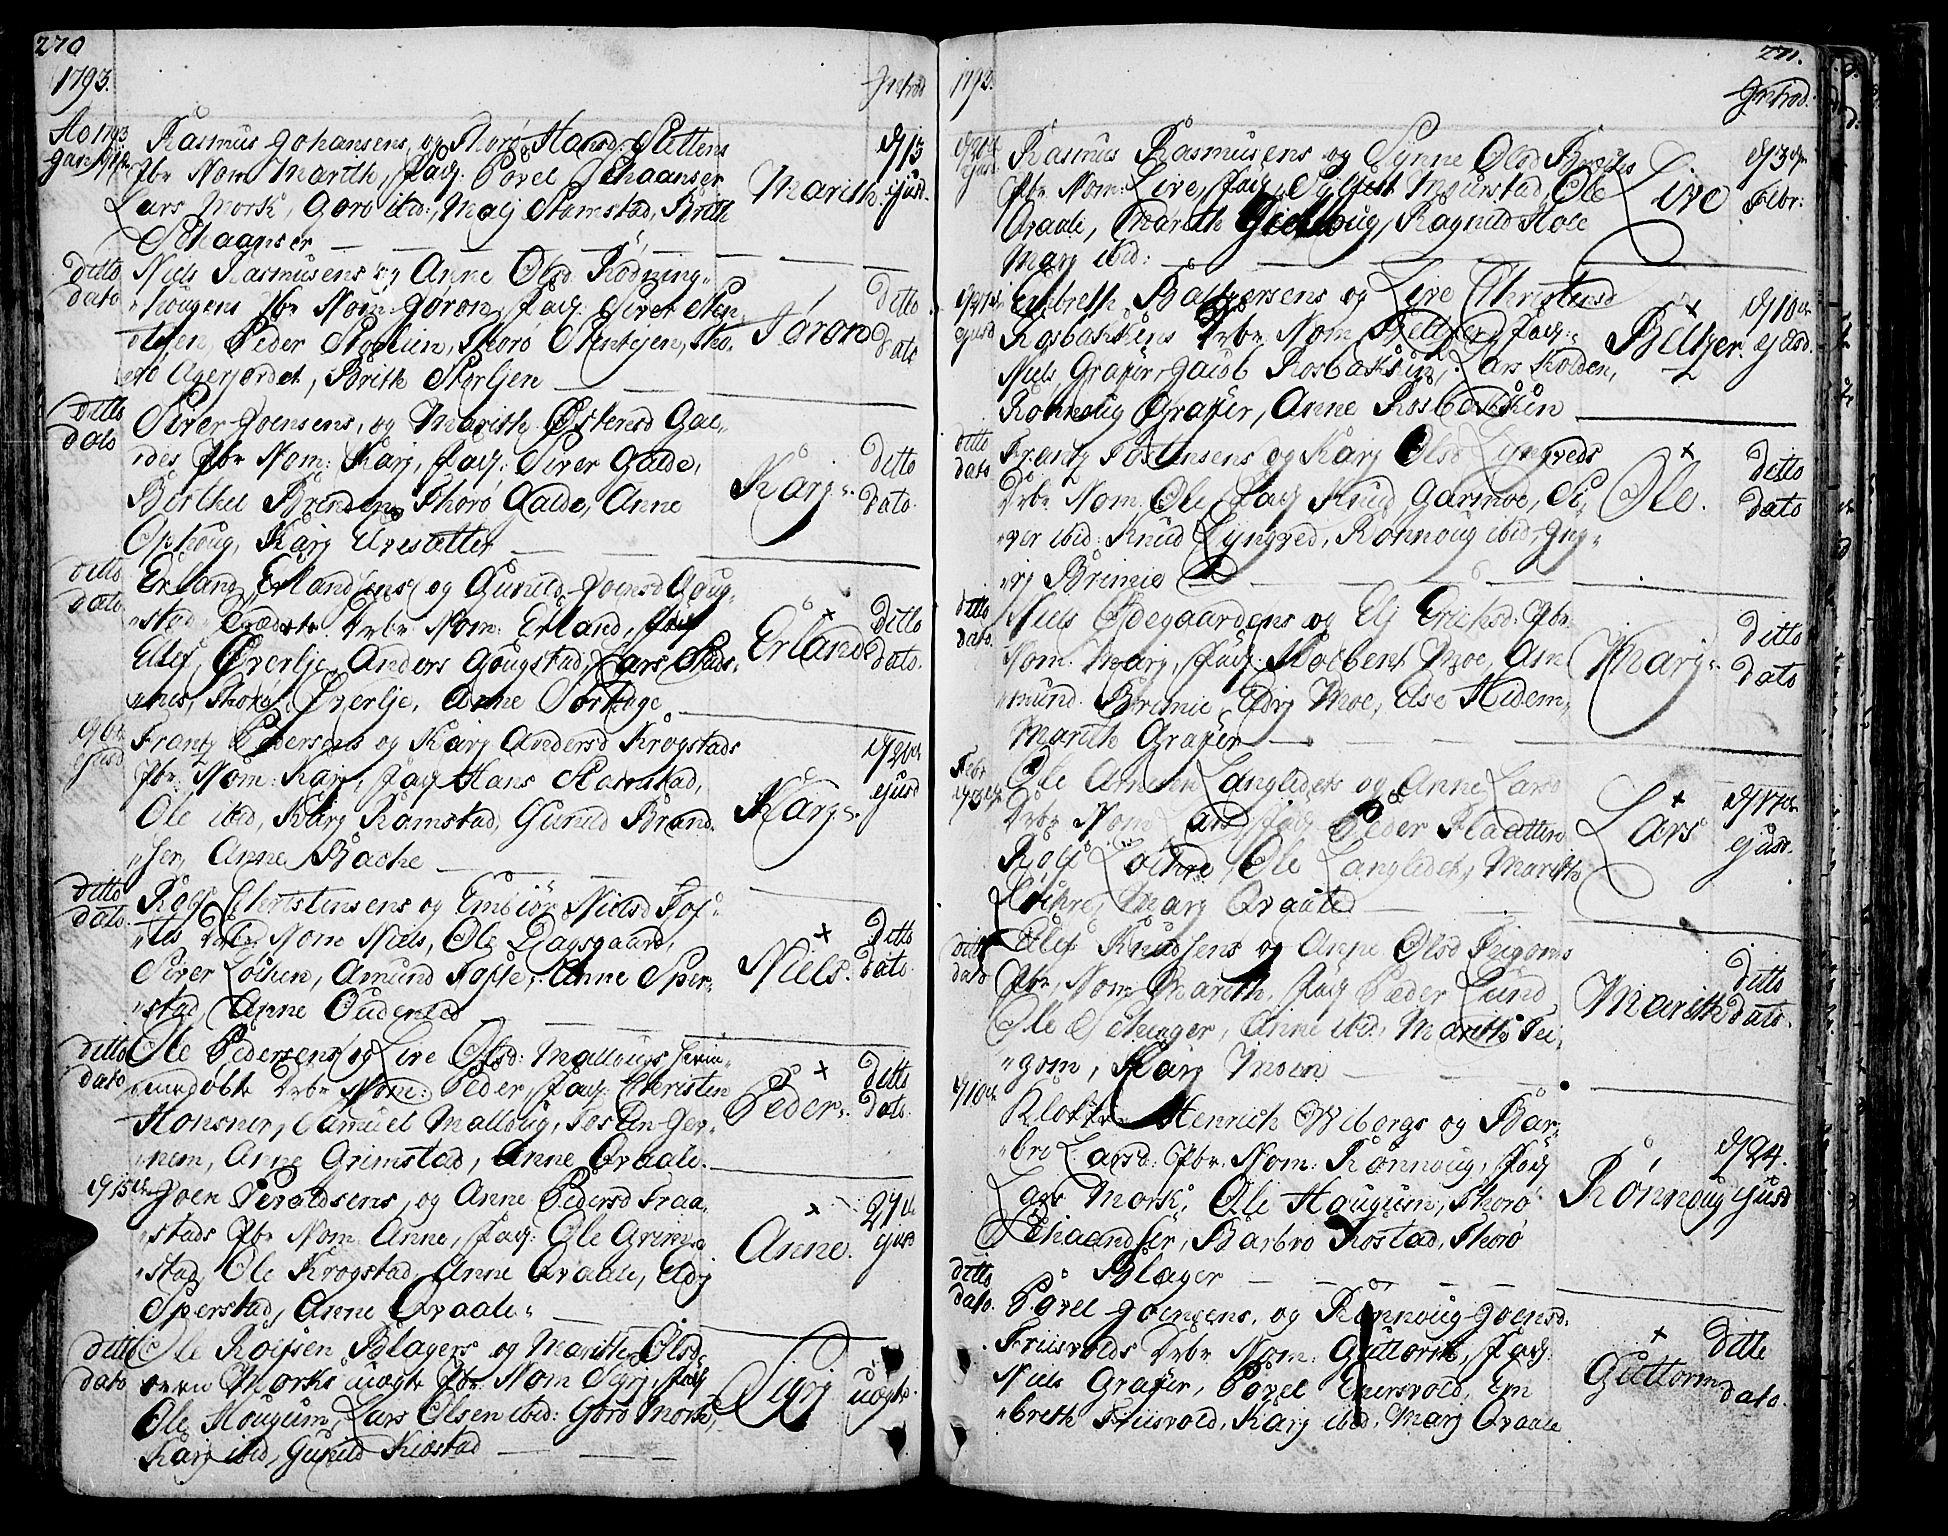 SAH, Lom prestekontor, K/L0002: Ministerialbok nr. 2, 1749-1801, s. 270-271